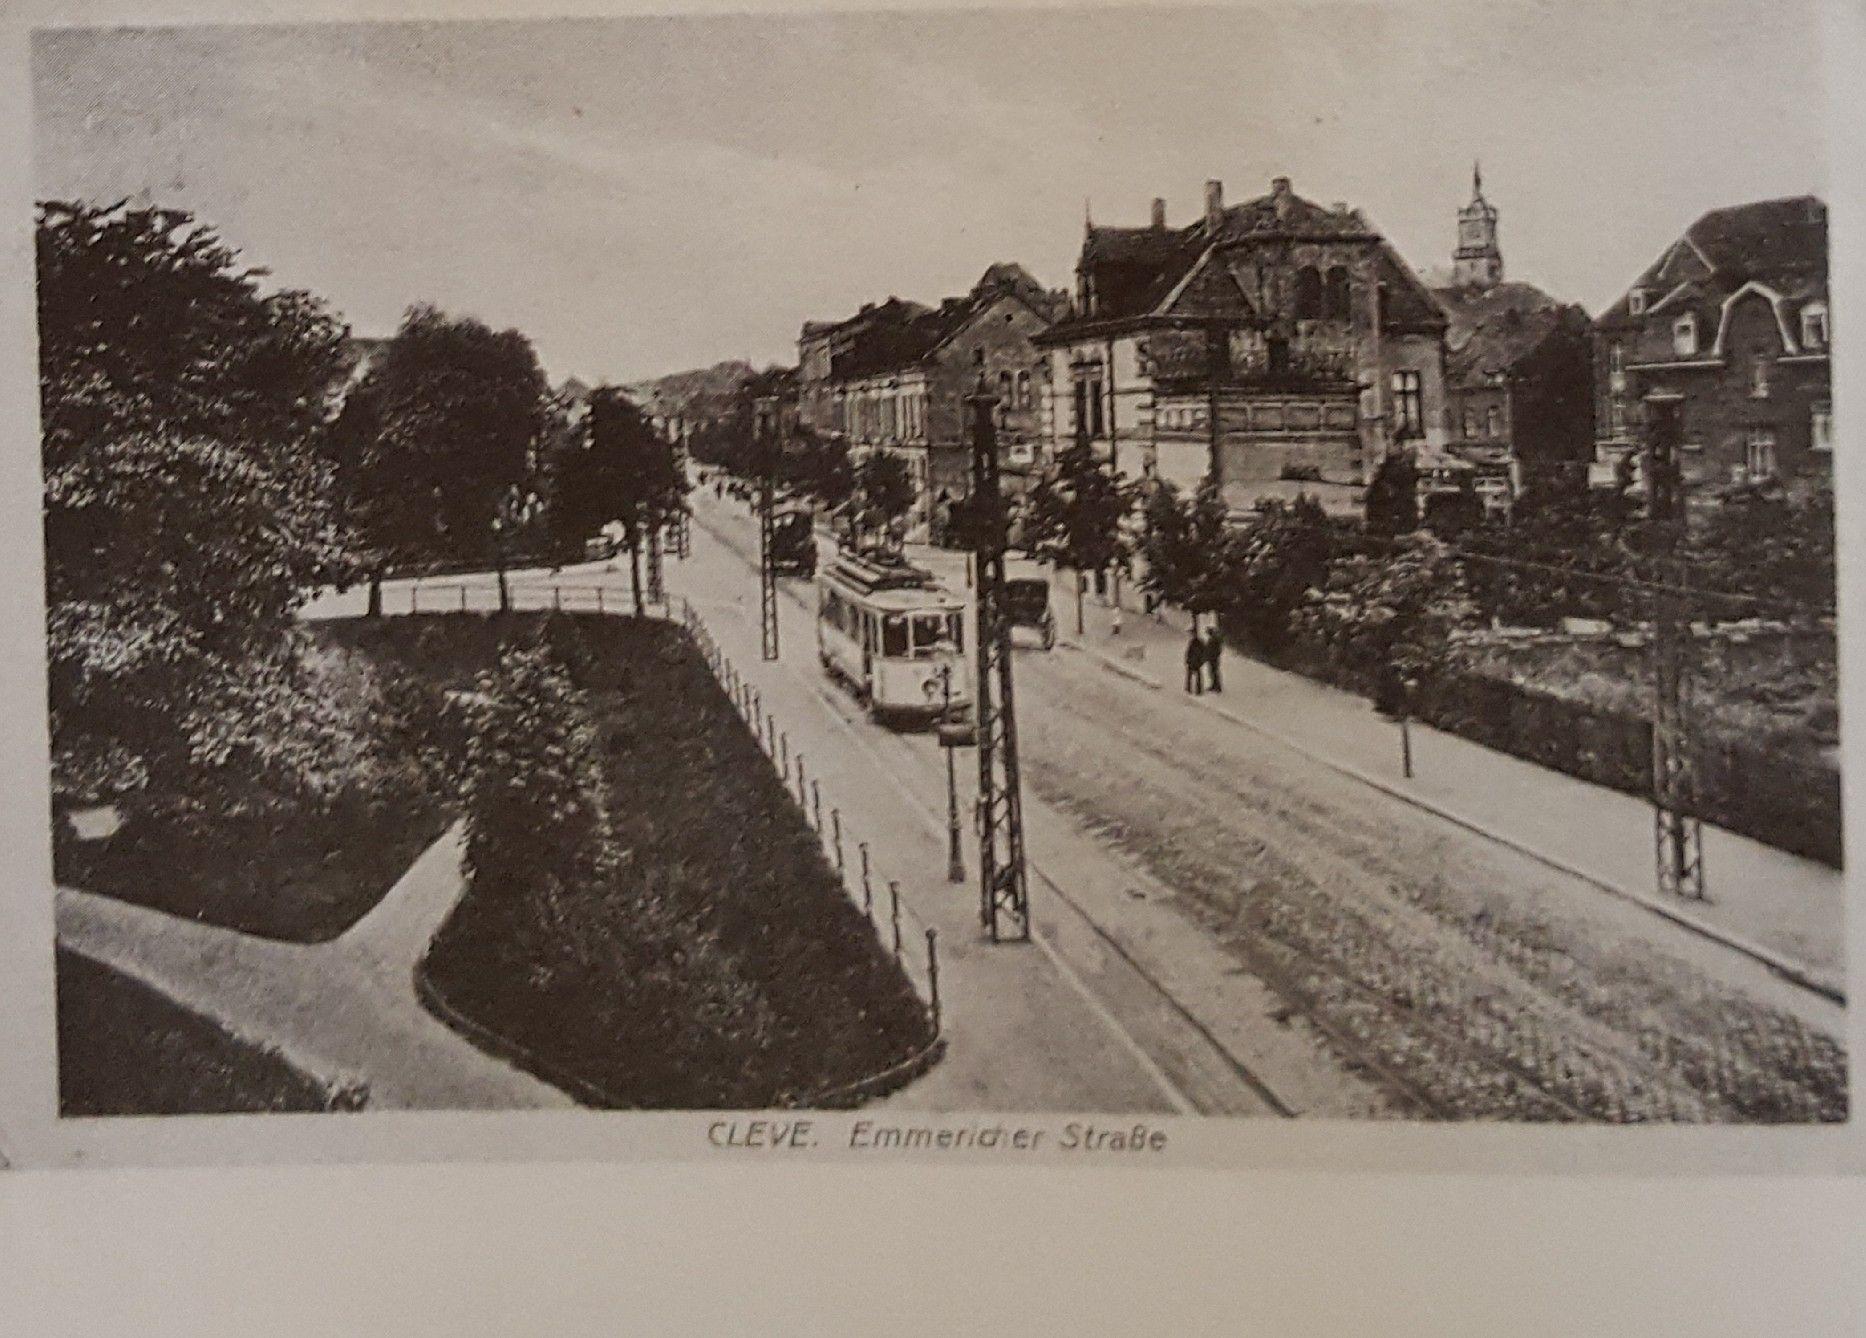 Kleve, Germany. Emmericher Straße um 1914